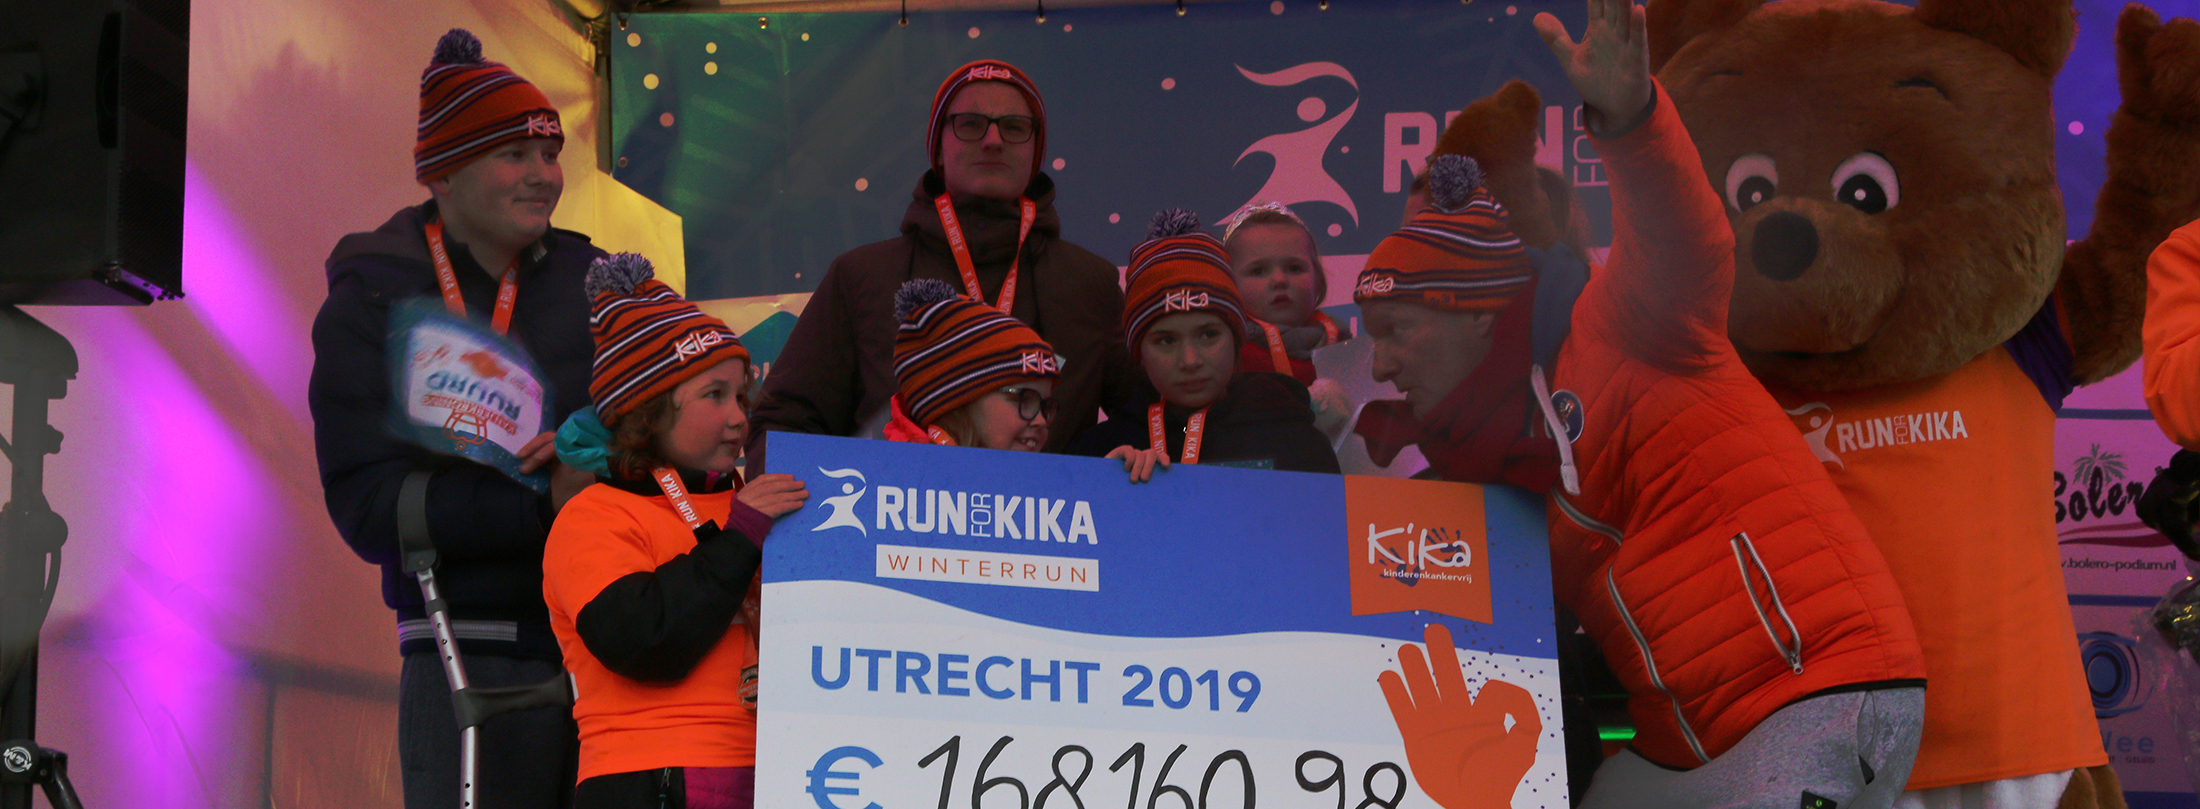 De kanjers onthullen het bedrag dat is opgehaald bij de Run for KiKa Winterrun in Utrecht